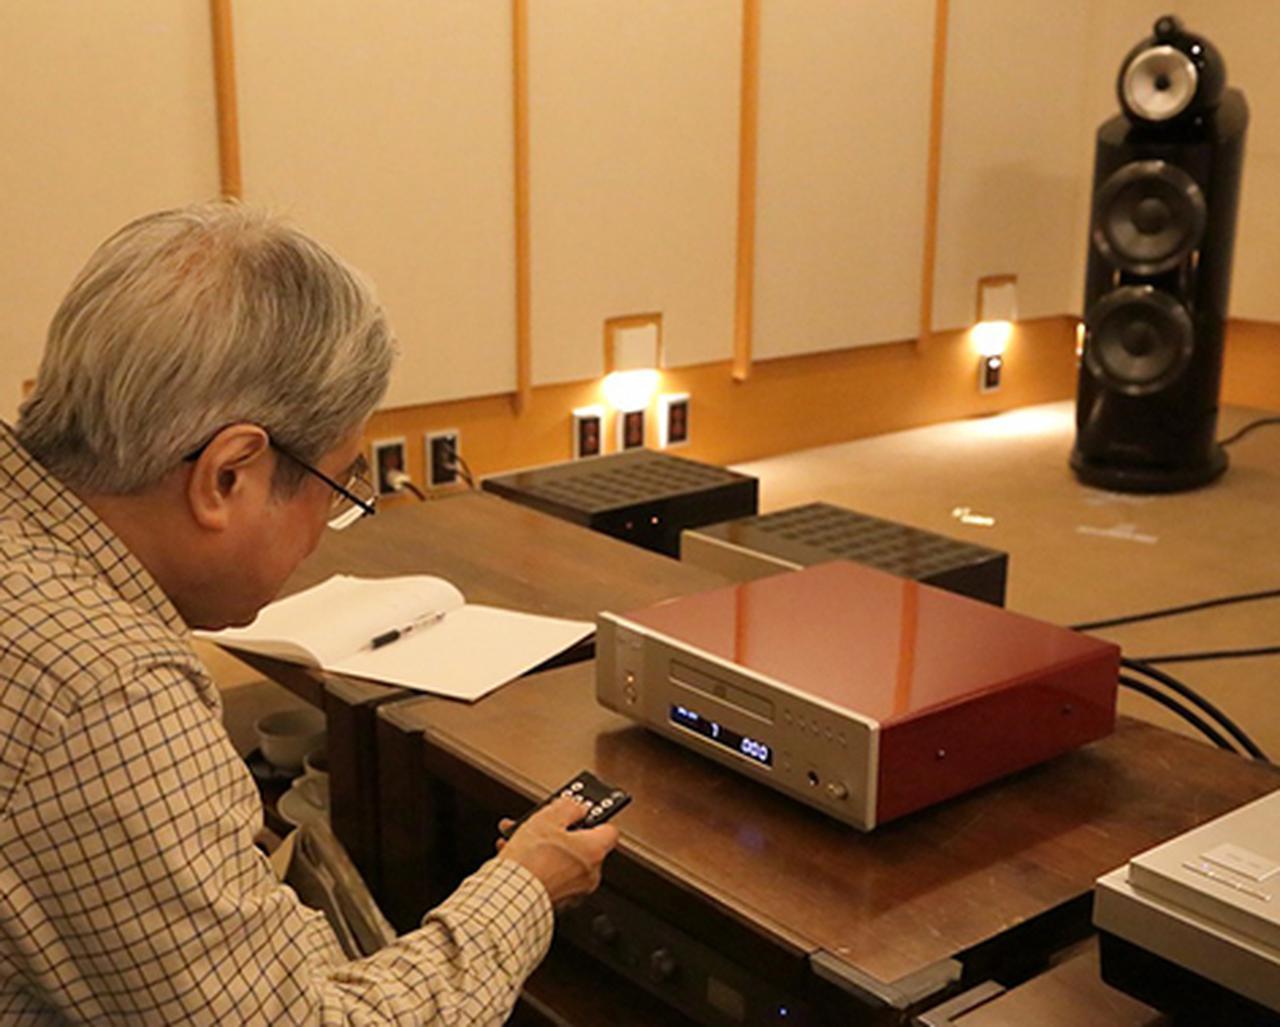 画像: リモコンでTRV-CD6SEを操作する吉田氏。